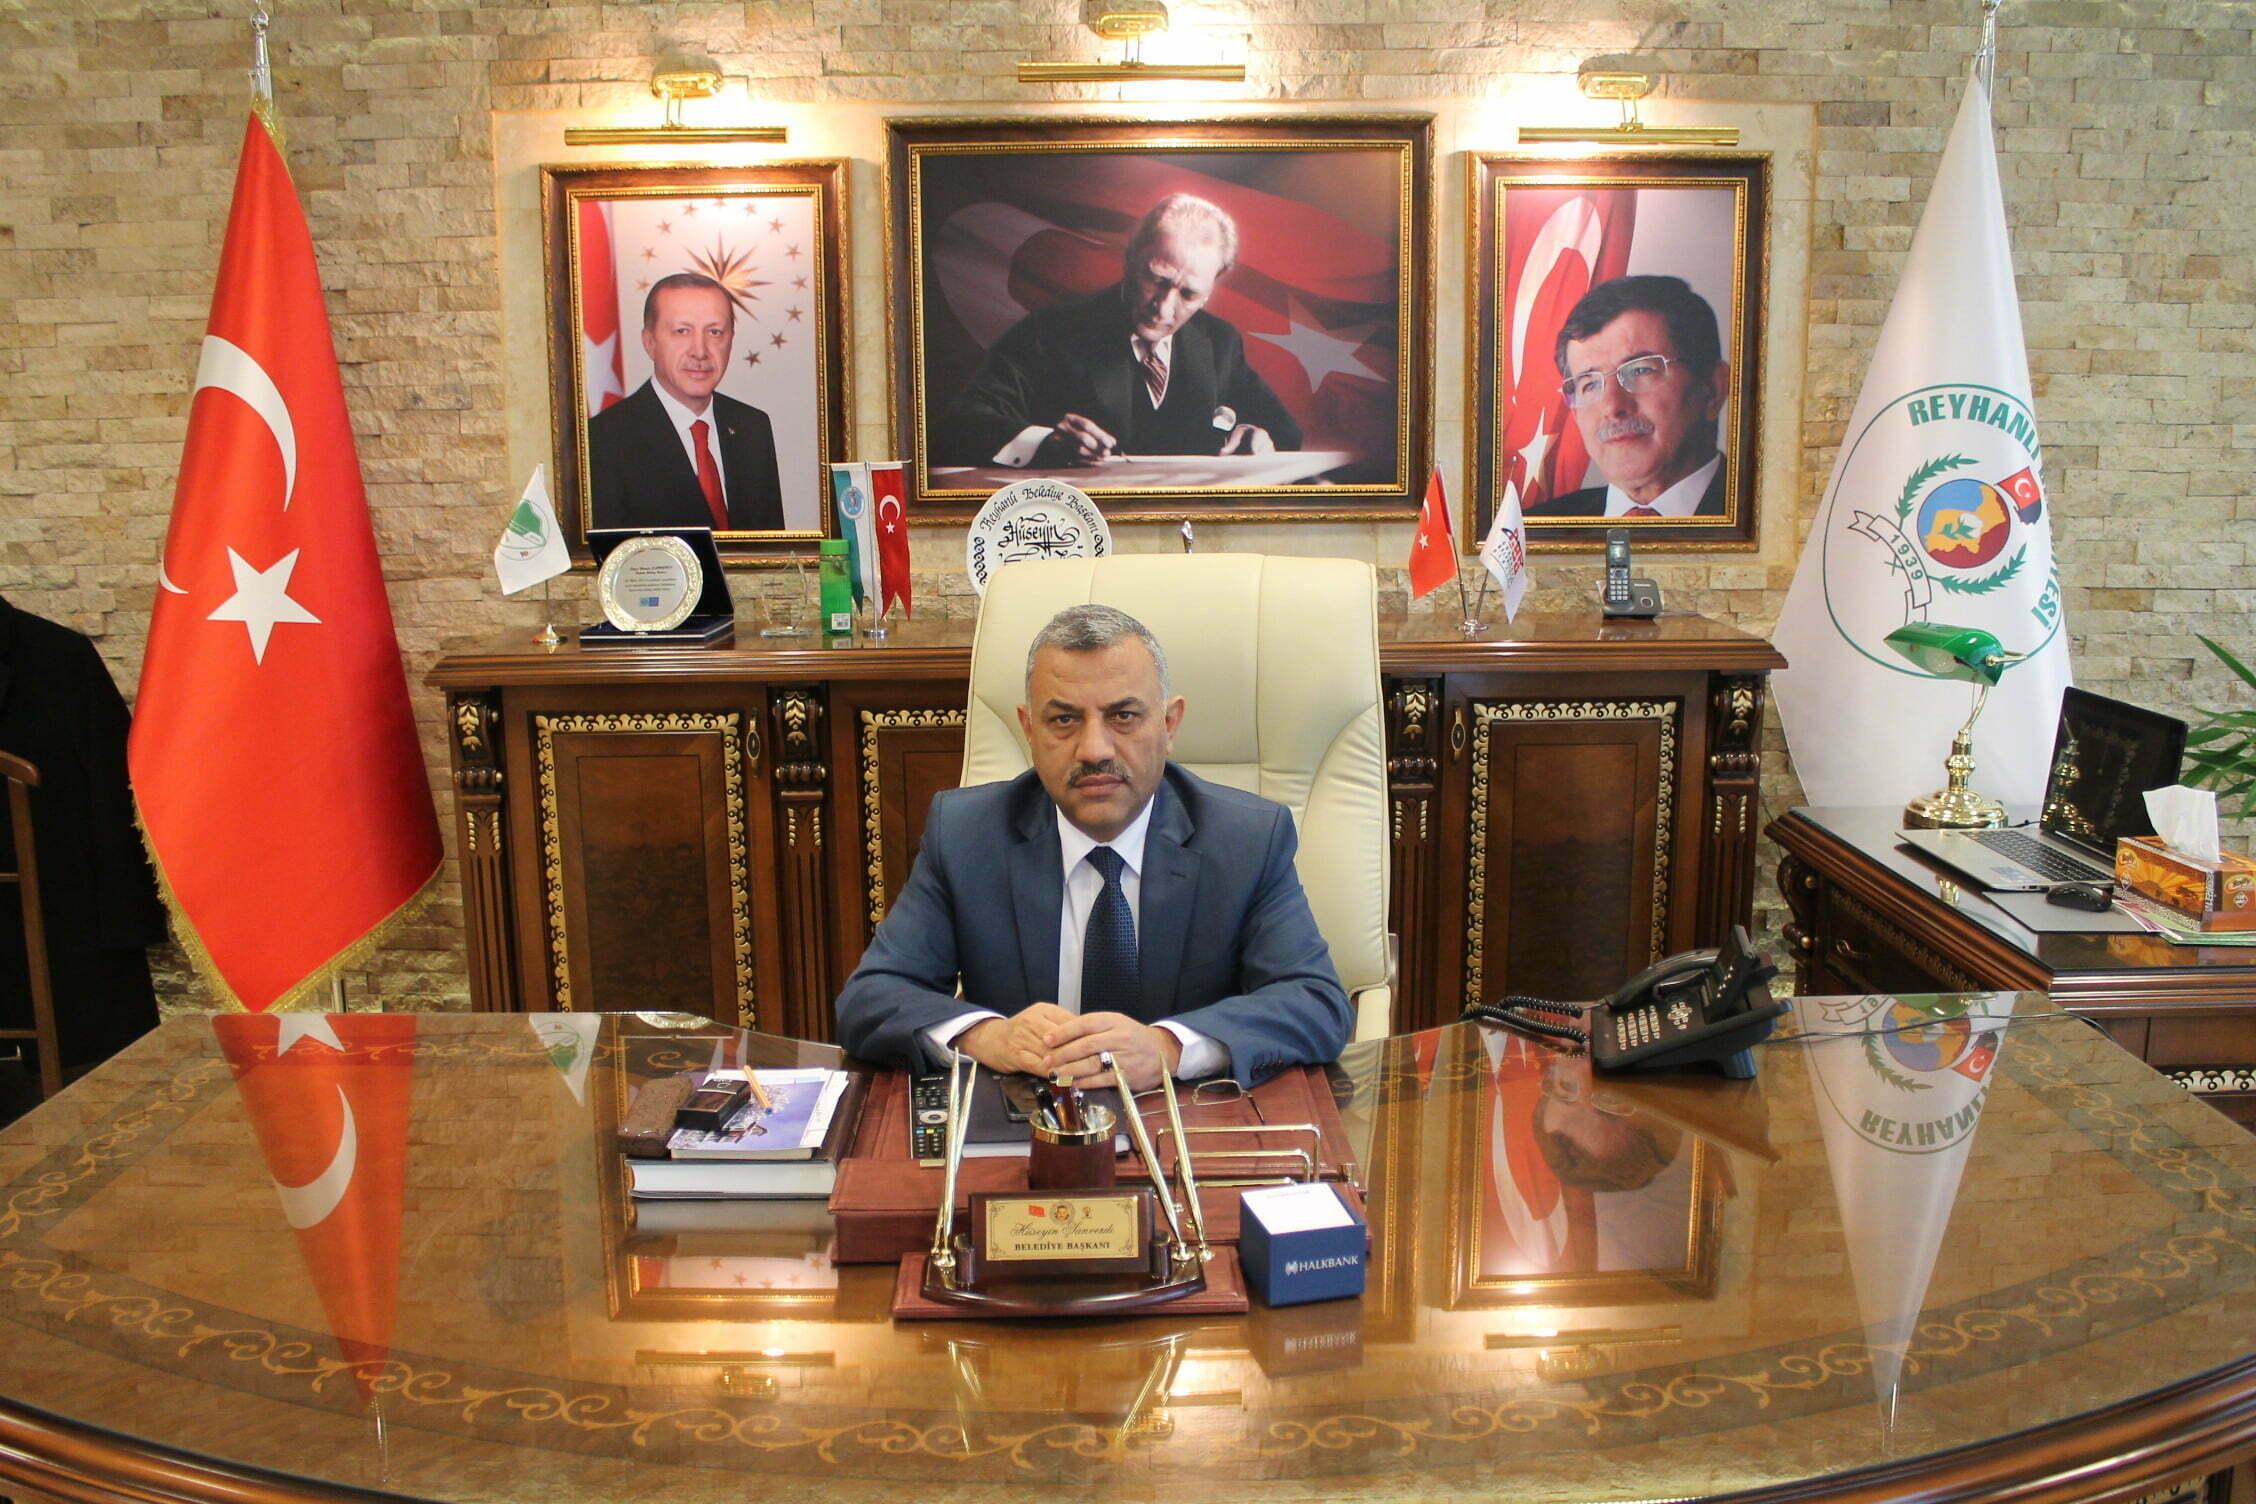 Reyhanlı Belediye Başkanı Hüseyin Şanverdi'nin Kutlu Doğum Haftası Mesajı